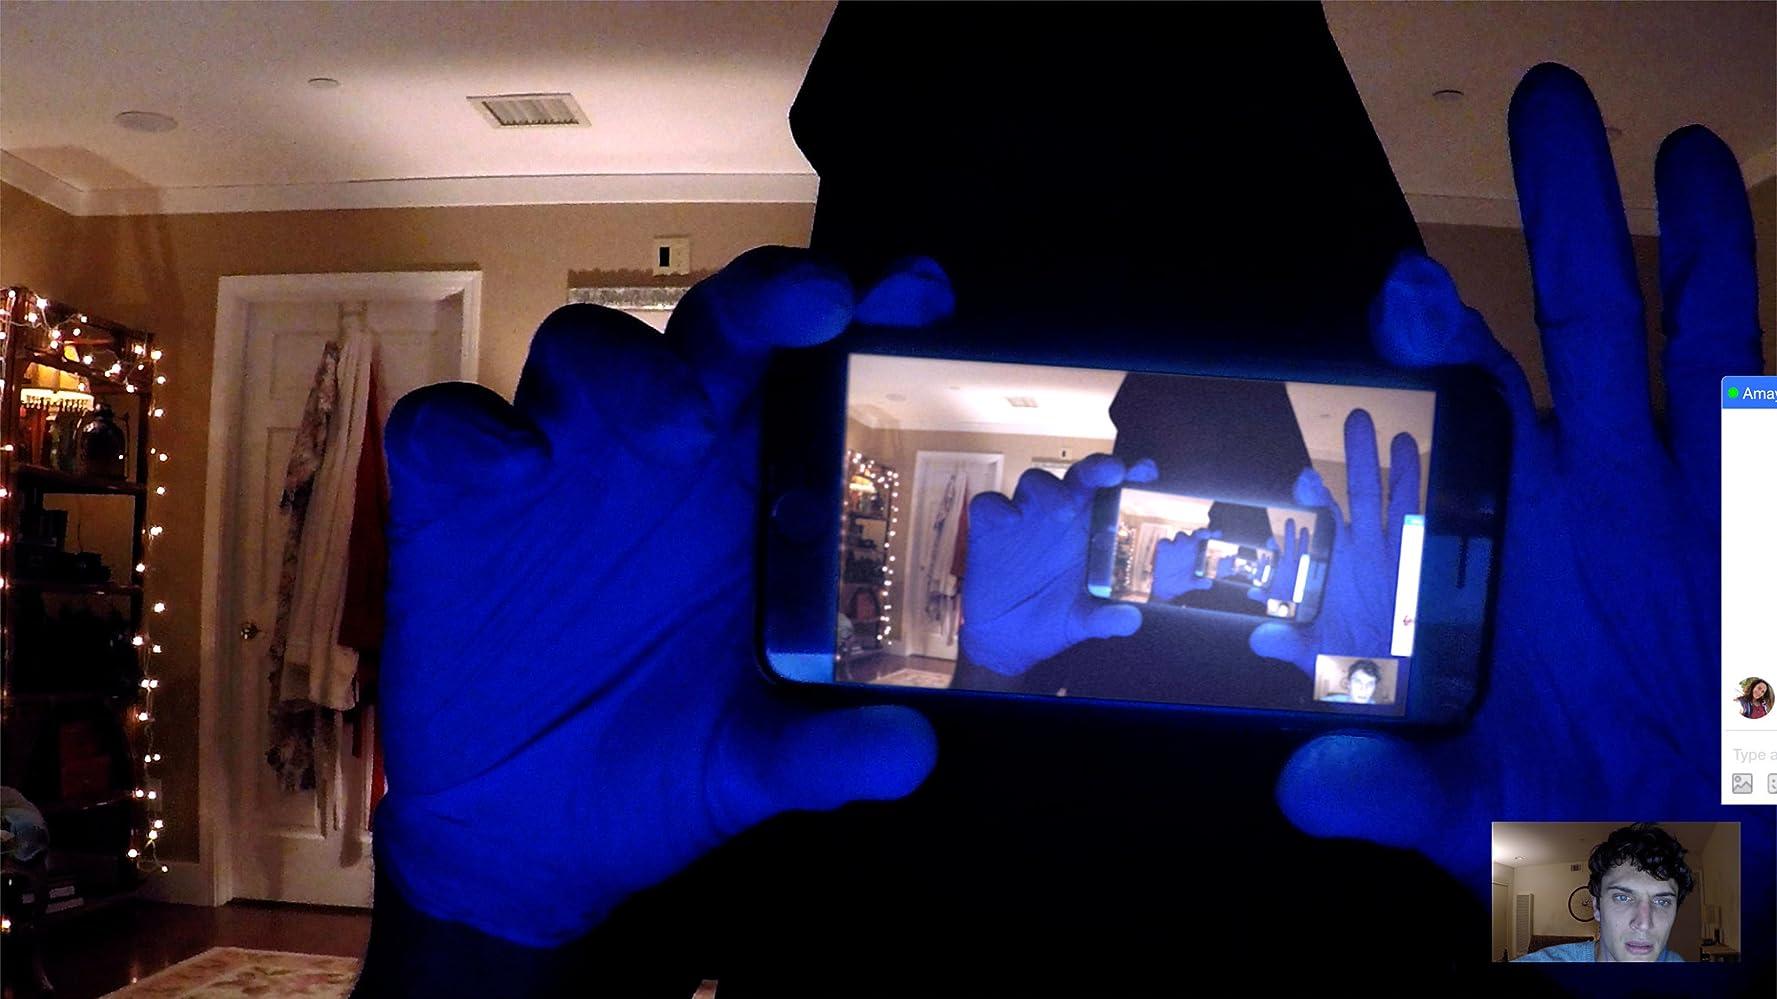 Sanalüstü 2 Dark Web İndir Türkçe Dublaj Ekran Görüntüsü 1